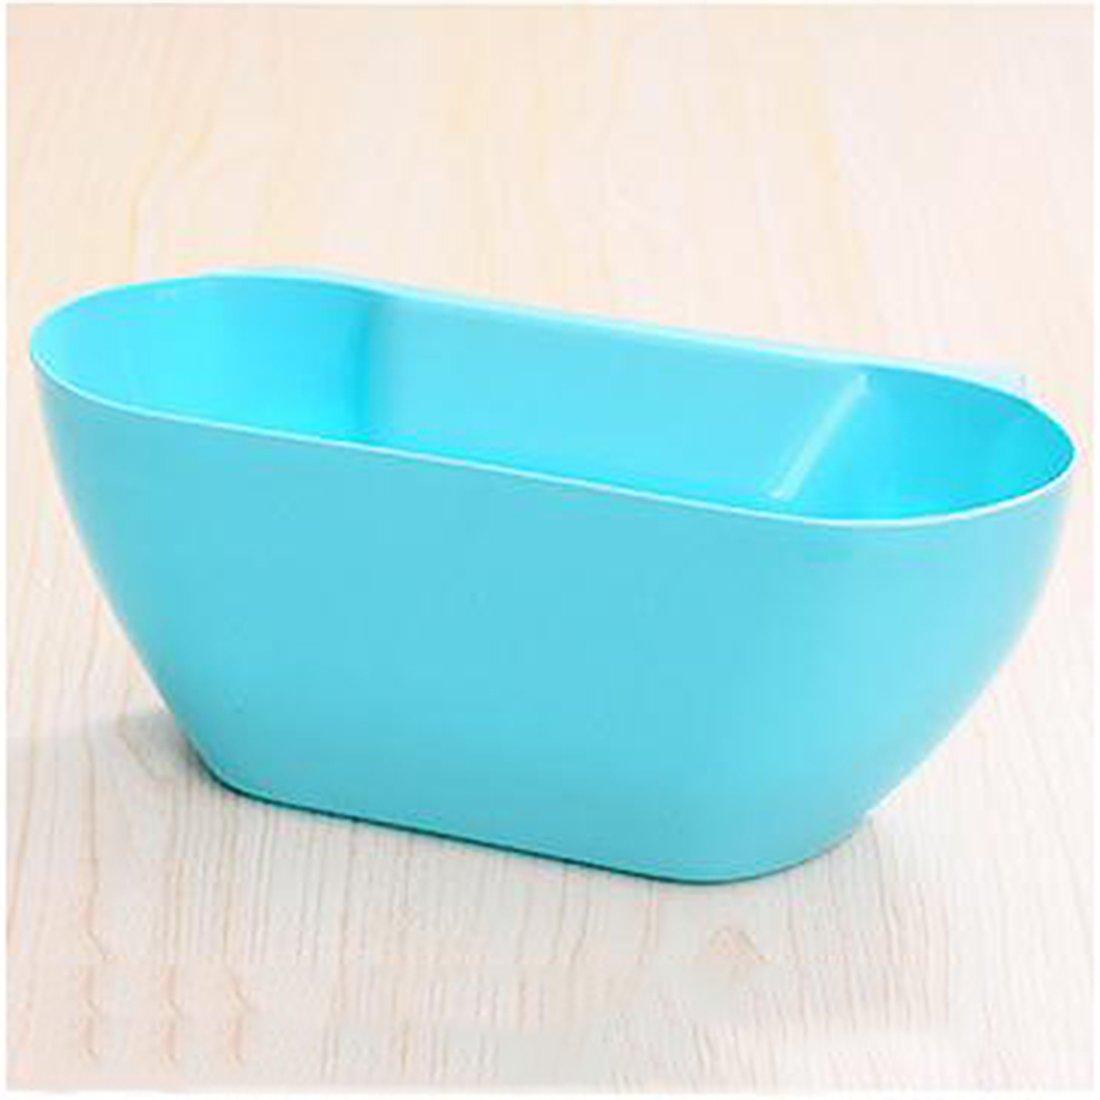 azul Cubo de basura colgante Foxom para encimera de cocina para almacenamiento y residuos de cocina 29*17*11.5cm organizador multiusos hecho de pl/ástico